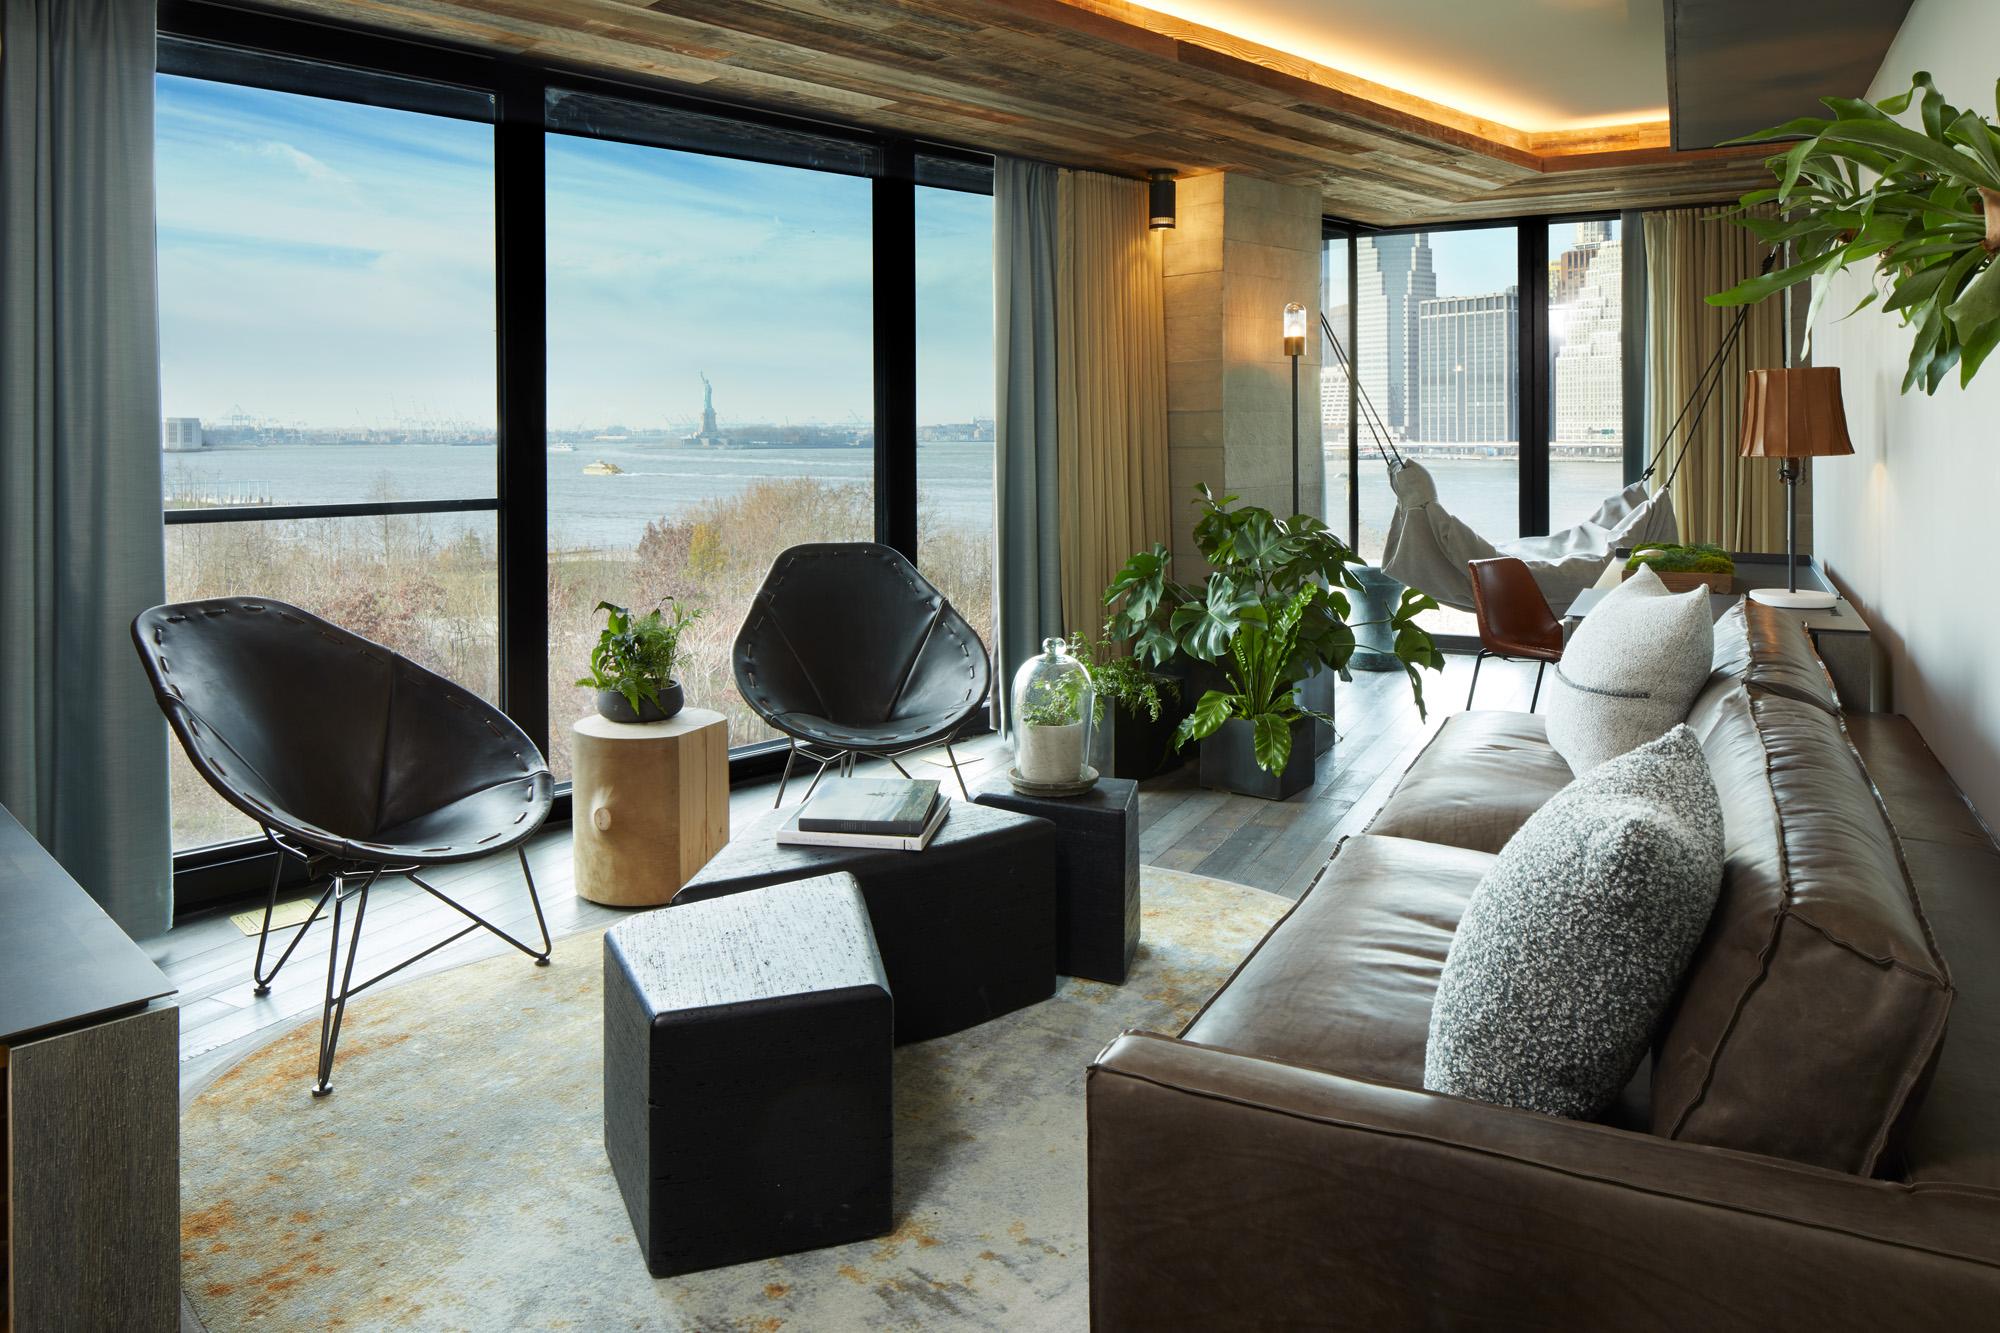 1_Hotel_Brooklyn_Bridge_Suite_Living_Space_LO.jpg